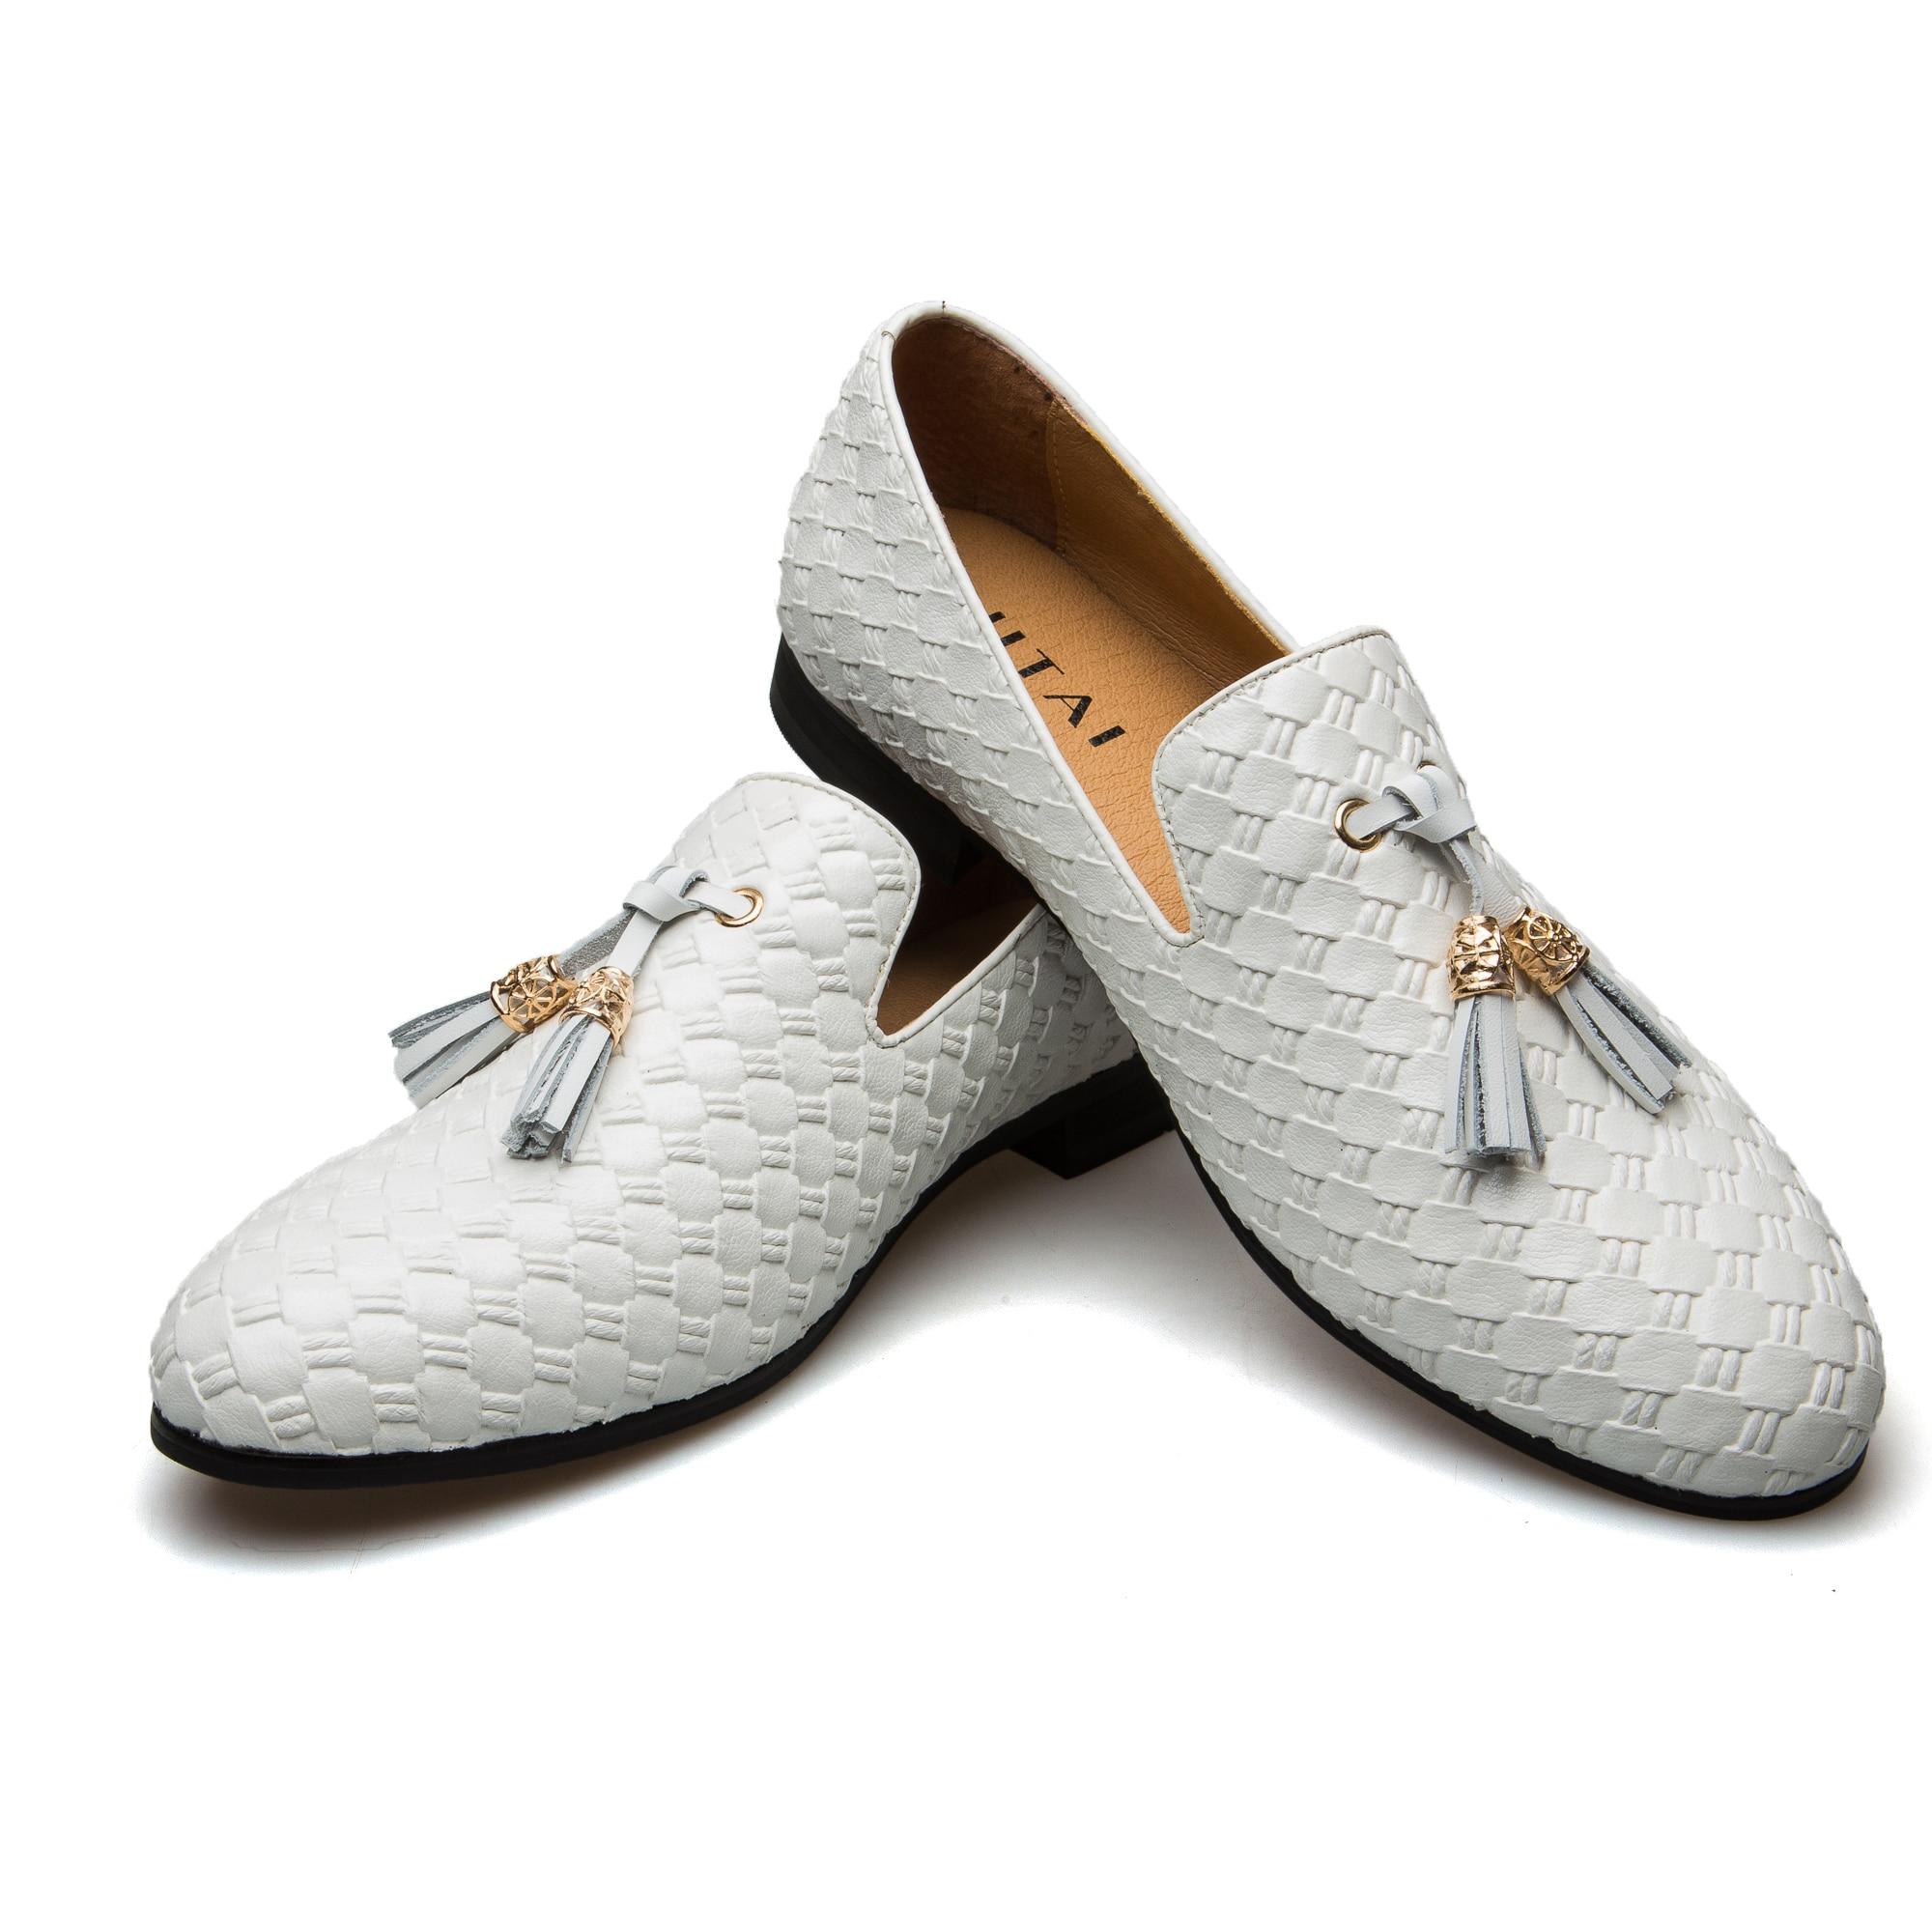 Mocasines MEIJIANA, zapatos planos de marca para hombre, zapatos informales de lujo BV cómodos, nuevos zapatos transpirables de boda para hombre